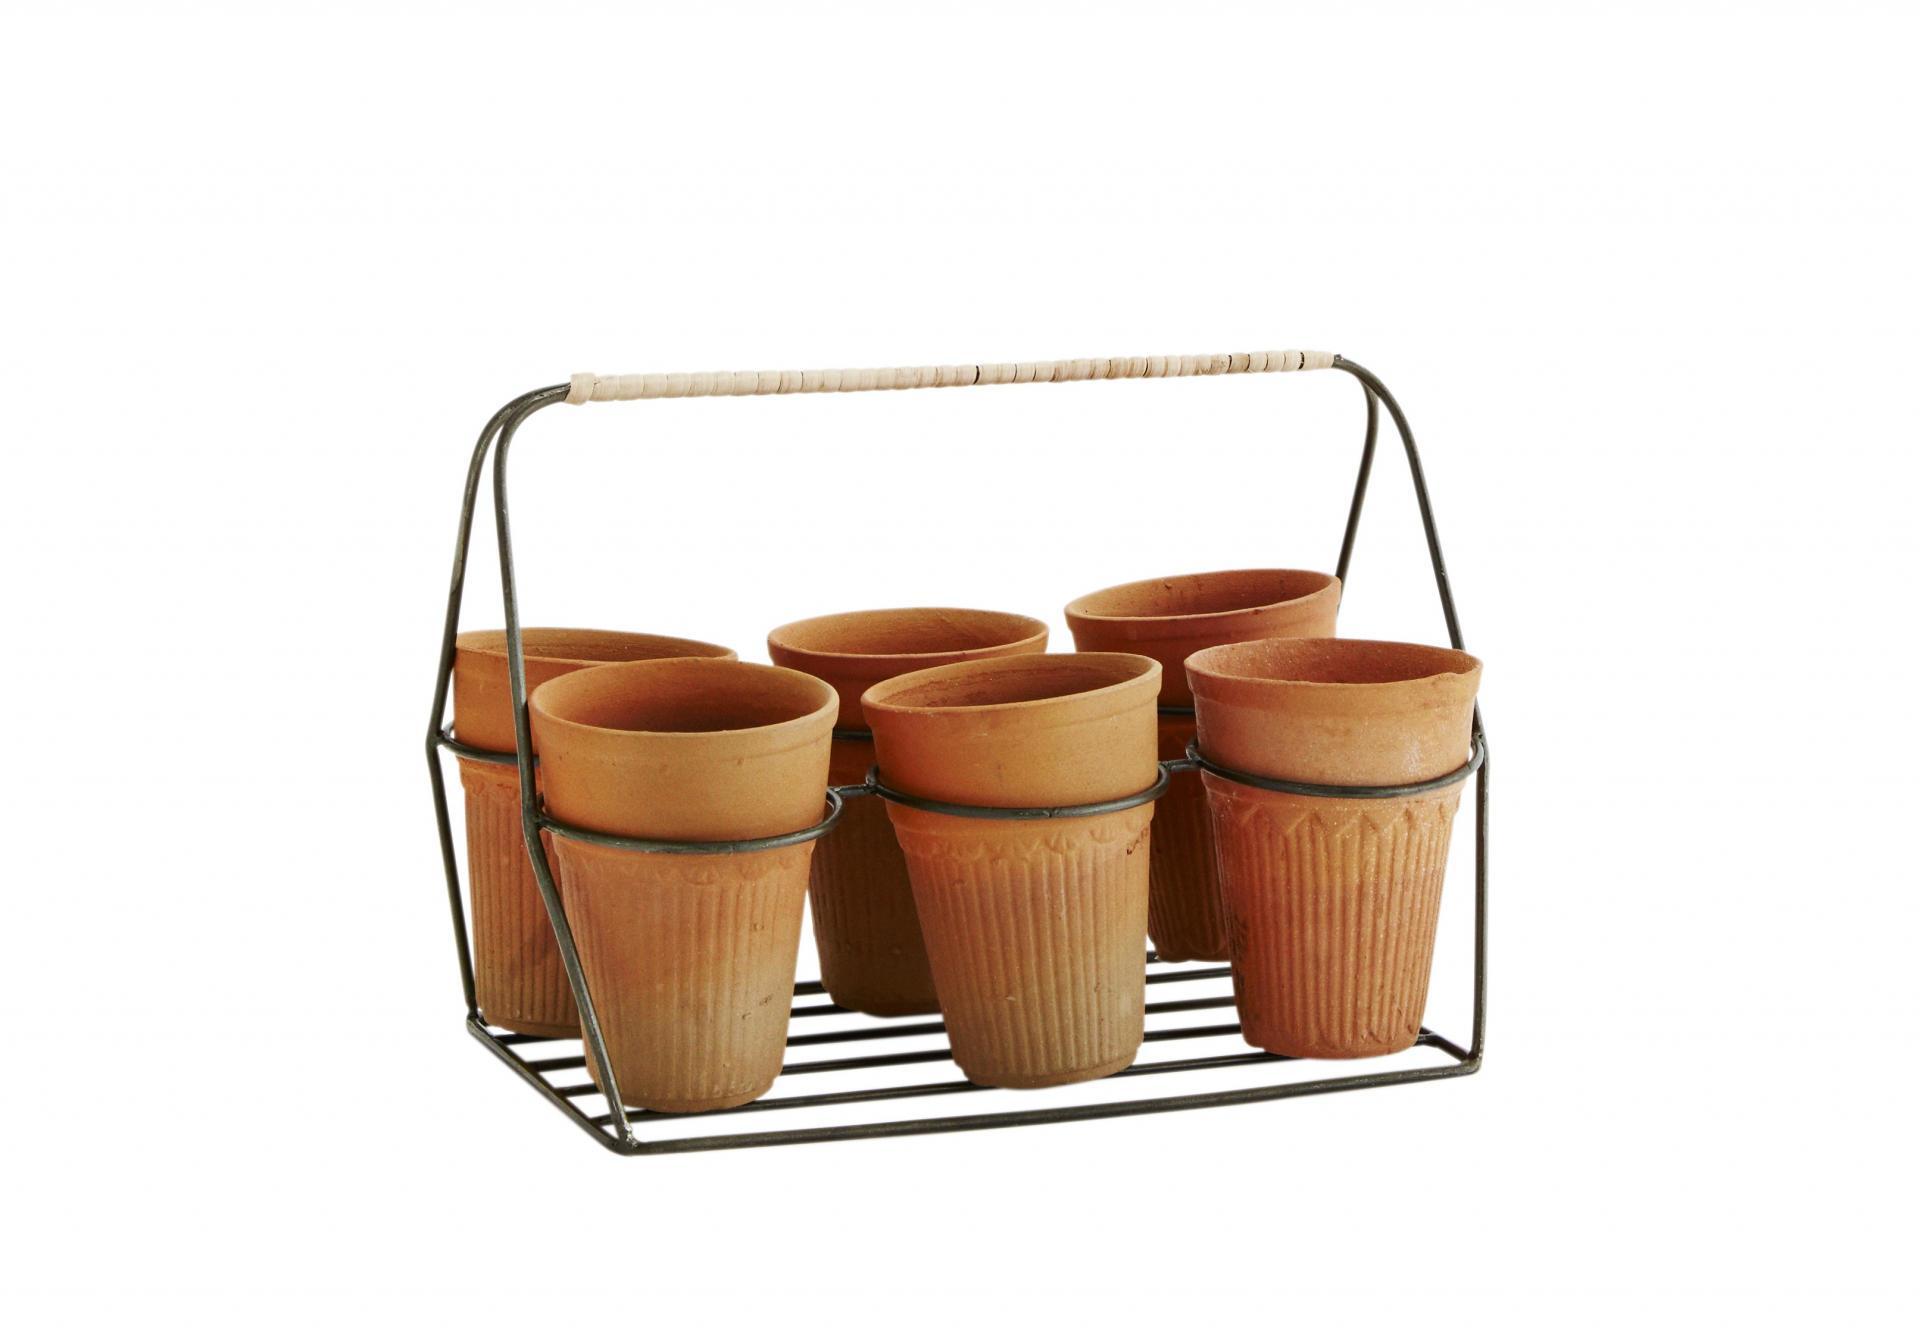 MADAM STOLTZ Zinkový košík s květináčky, šedá barva, hnědá barva, zinek, keramika